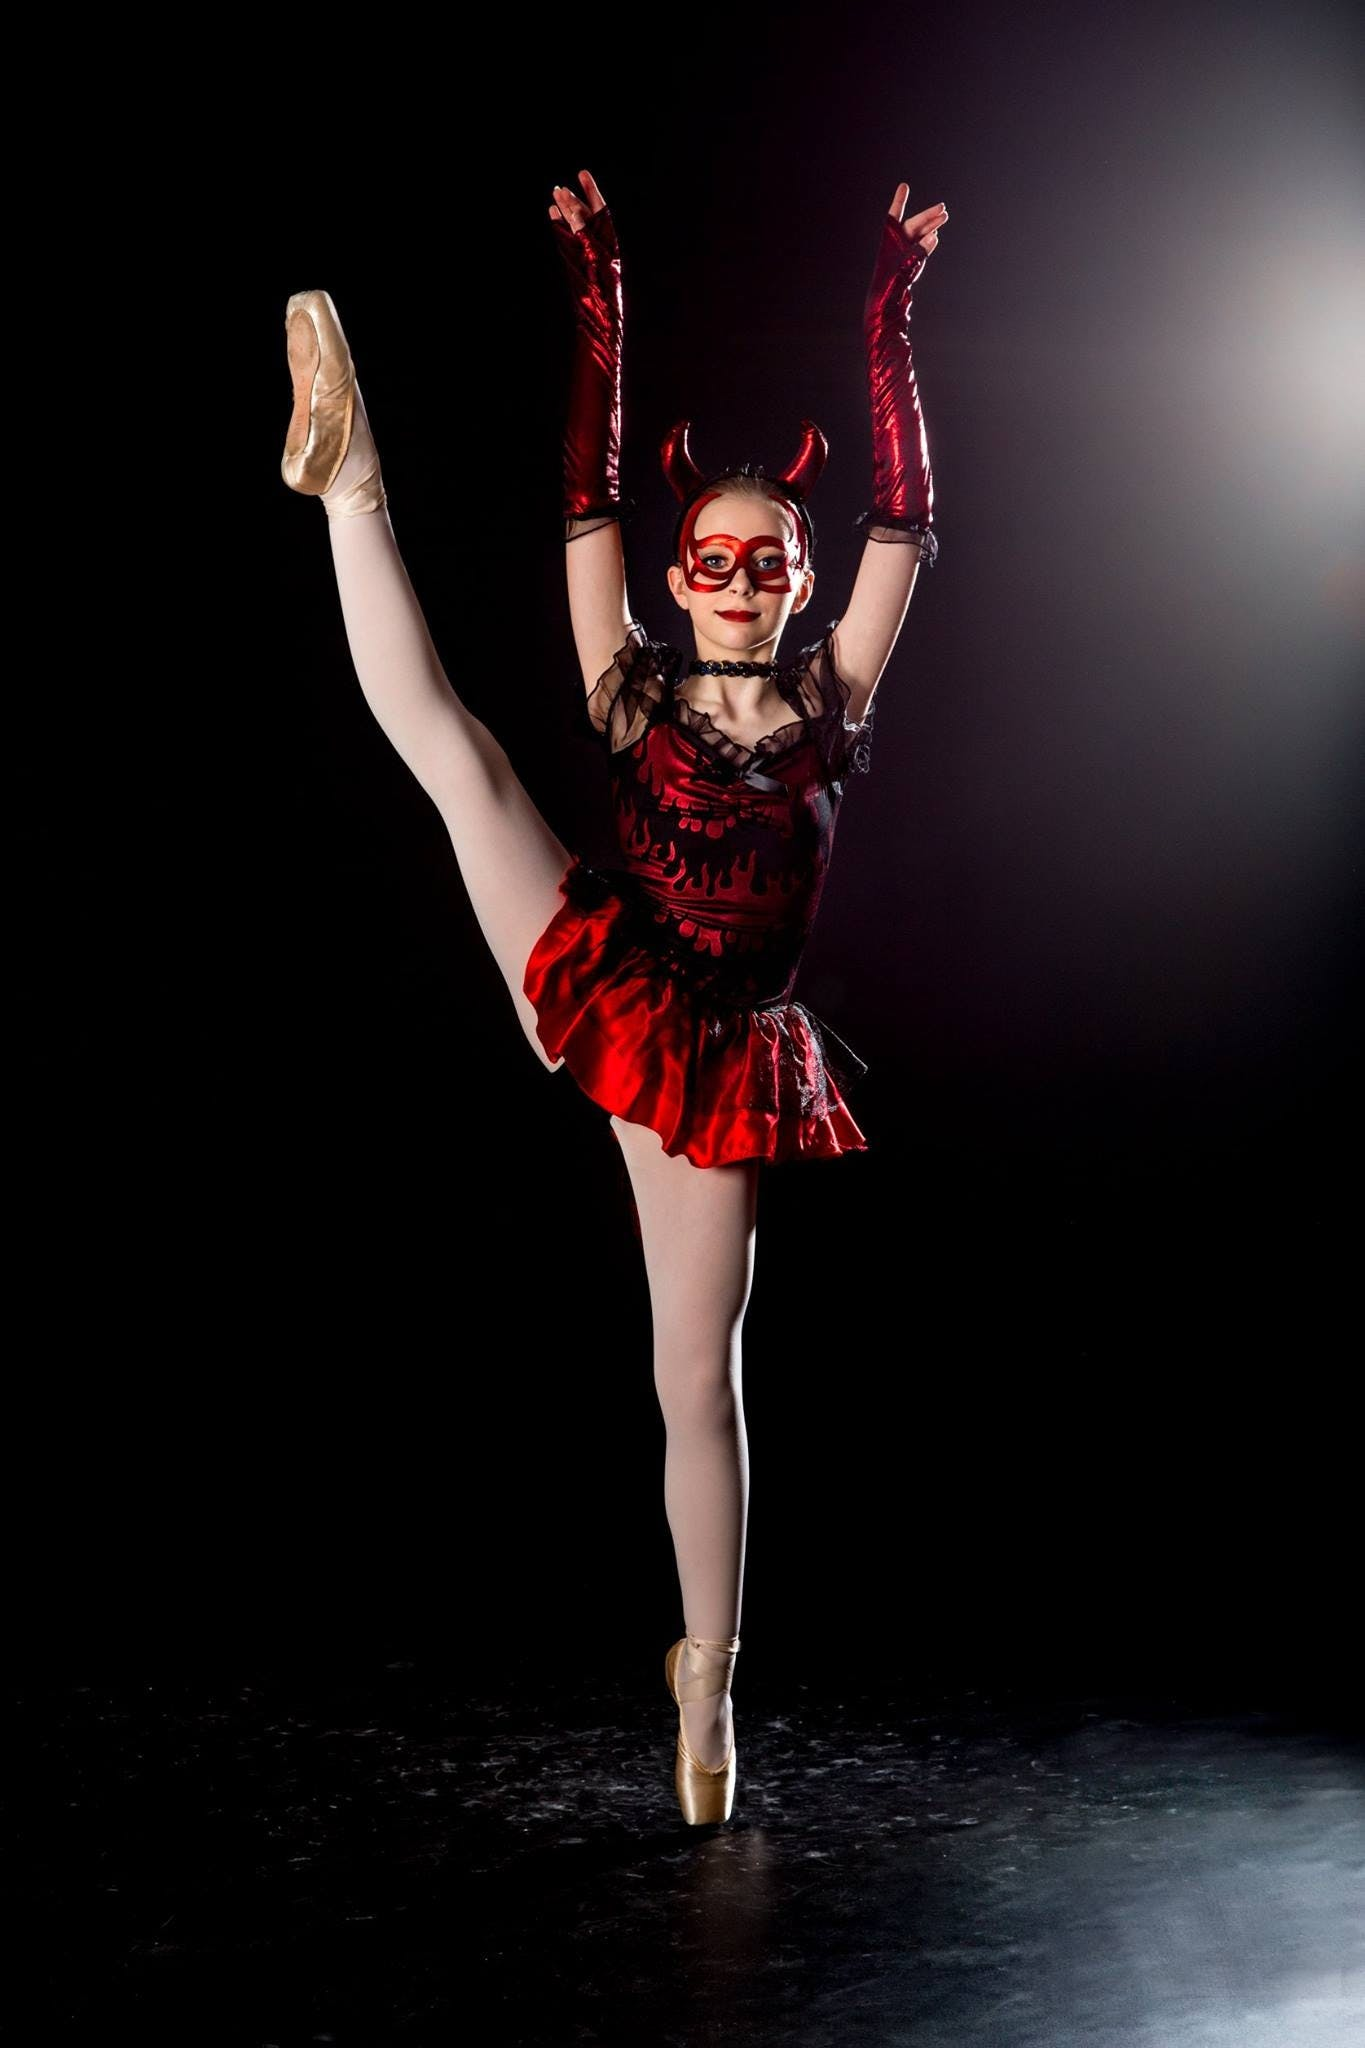 Girl Do a Ballerina